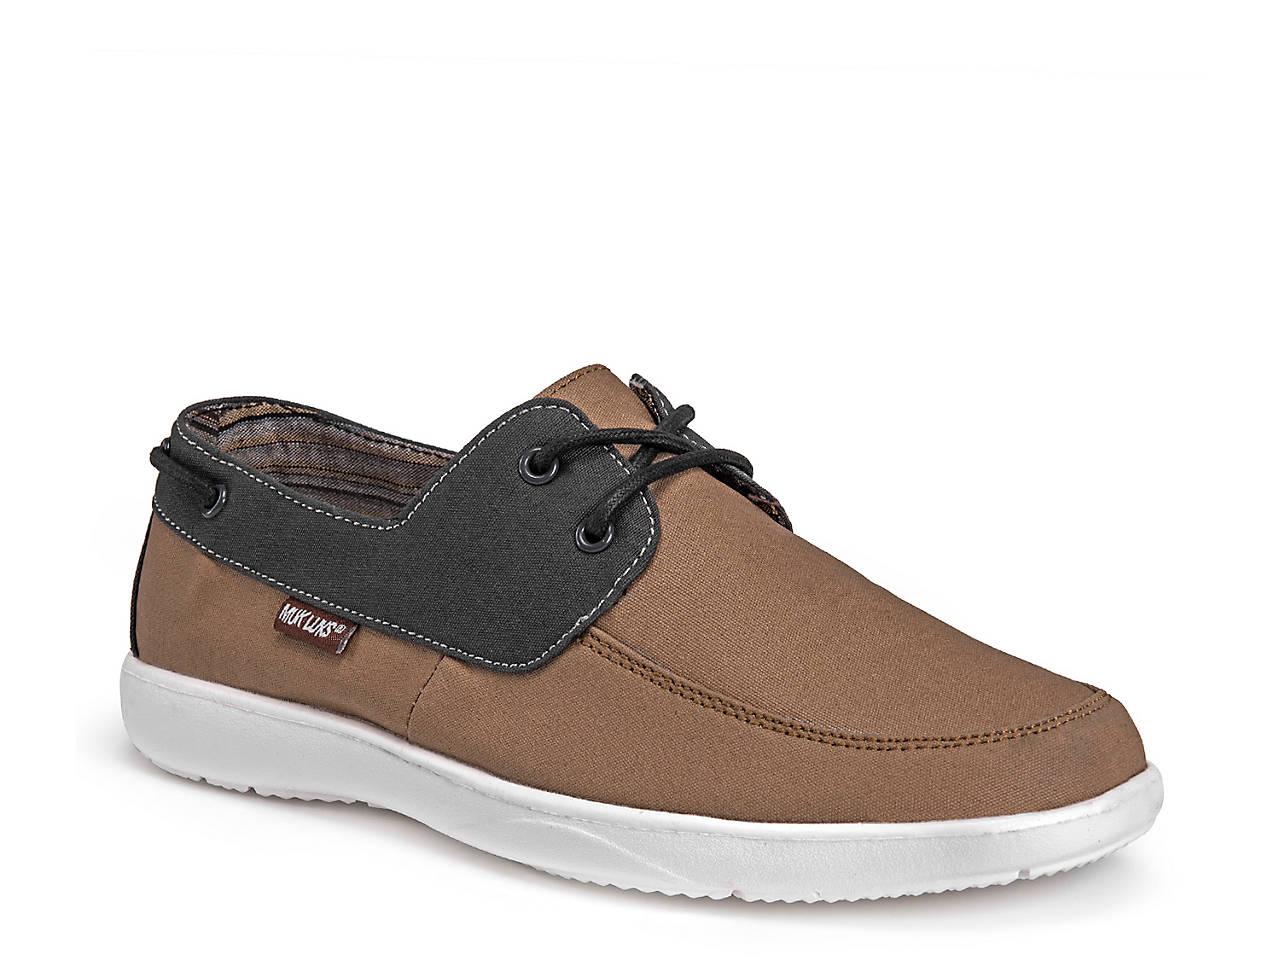 MUK LUKS Theo Boat Sneaker Many Kinds Of PZB2EK